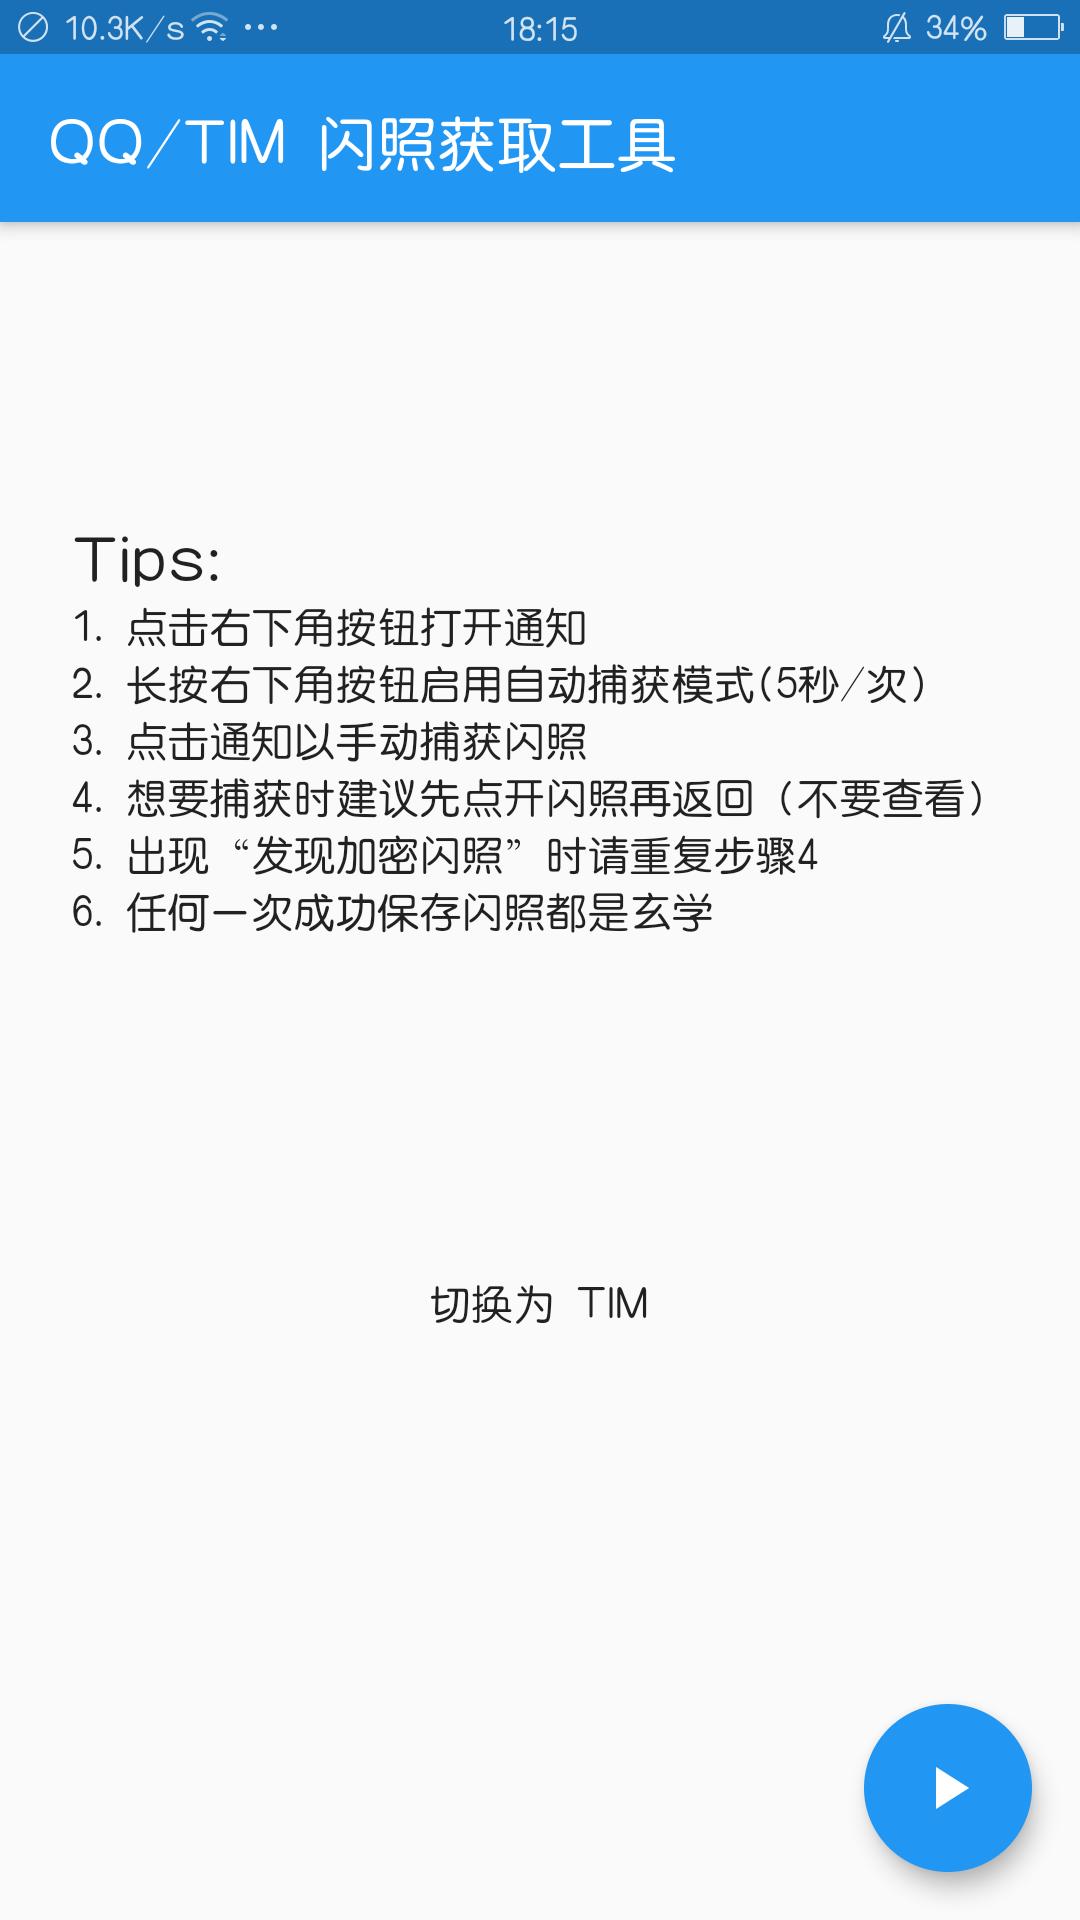 【分享】捕获闪照 1.0.4-爱小助